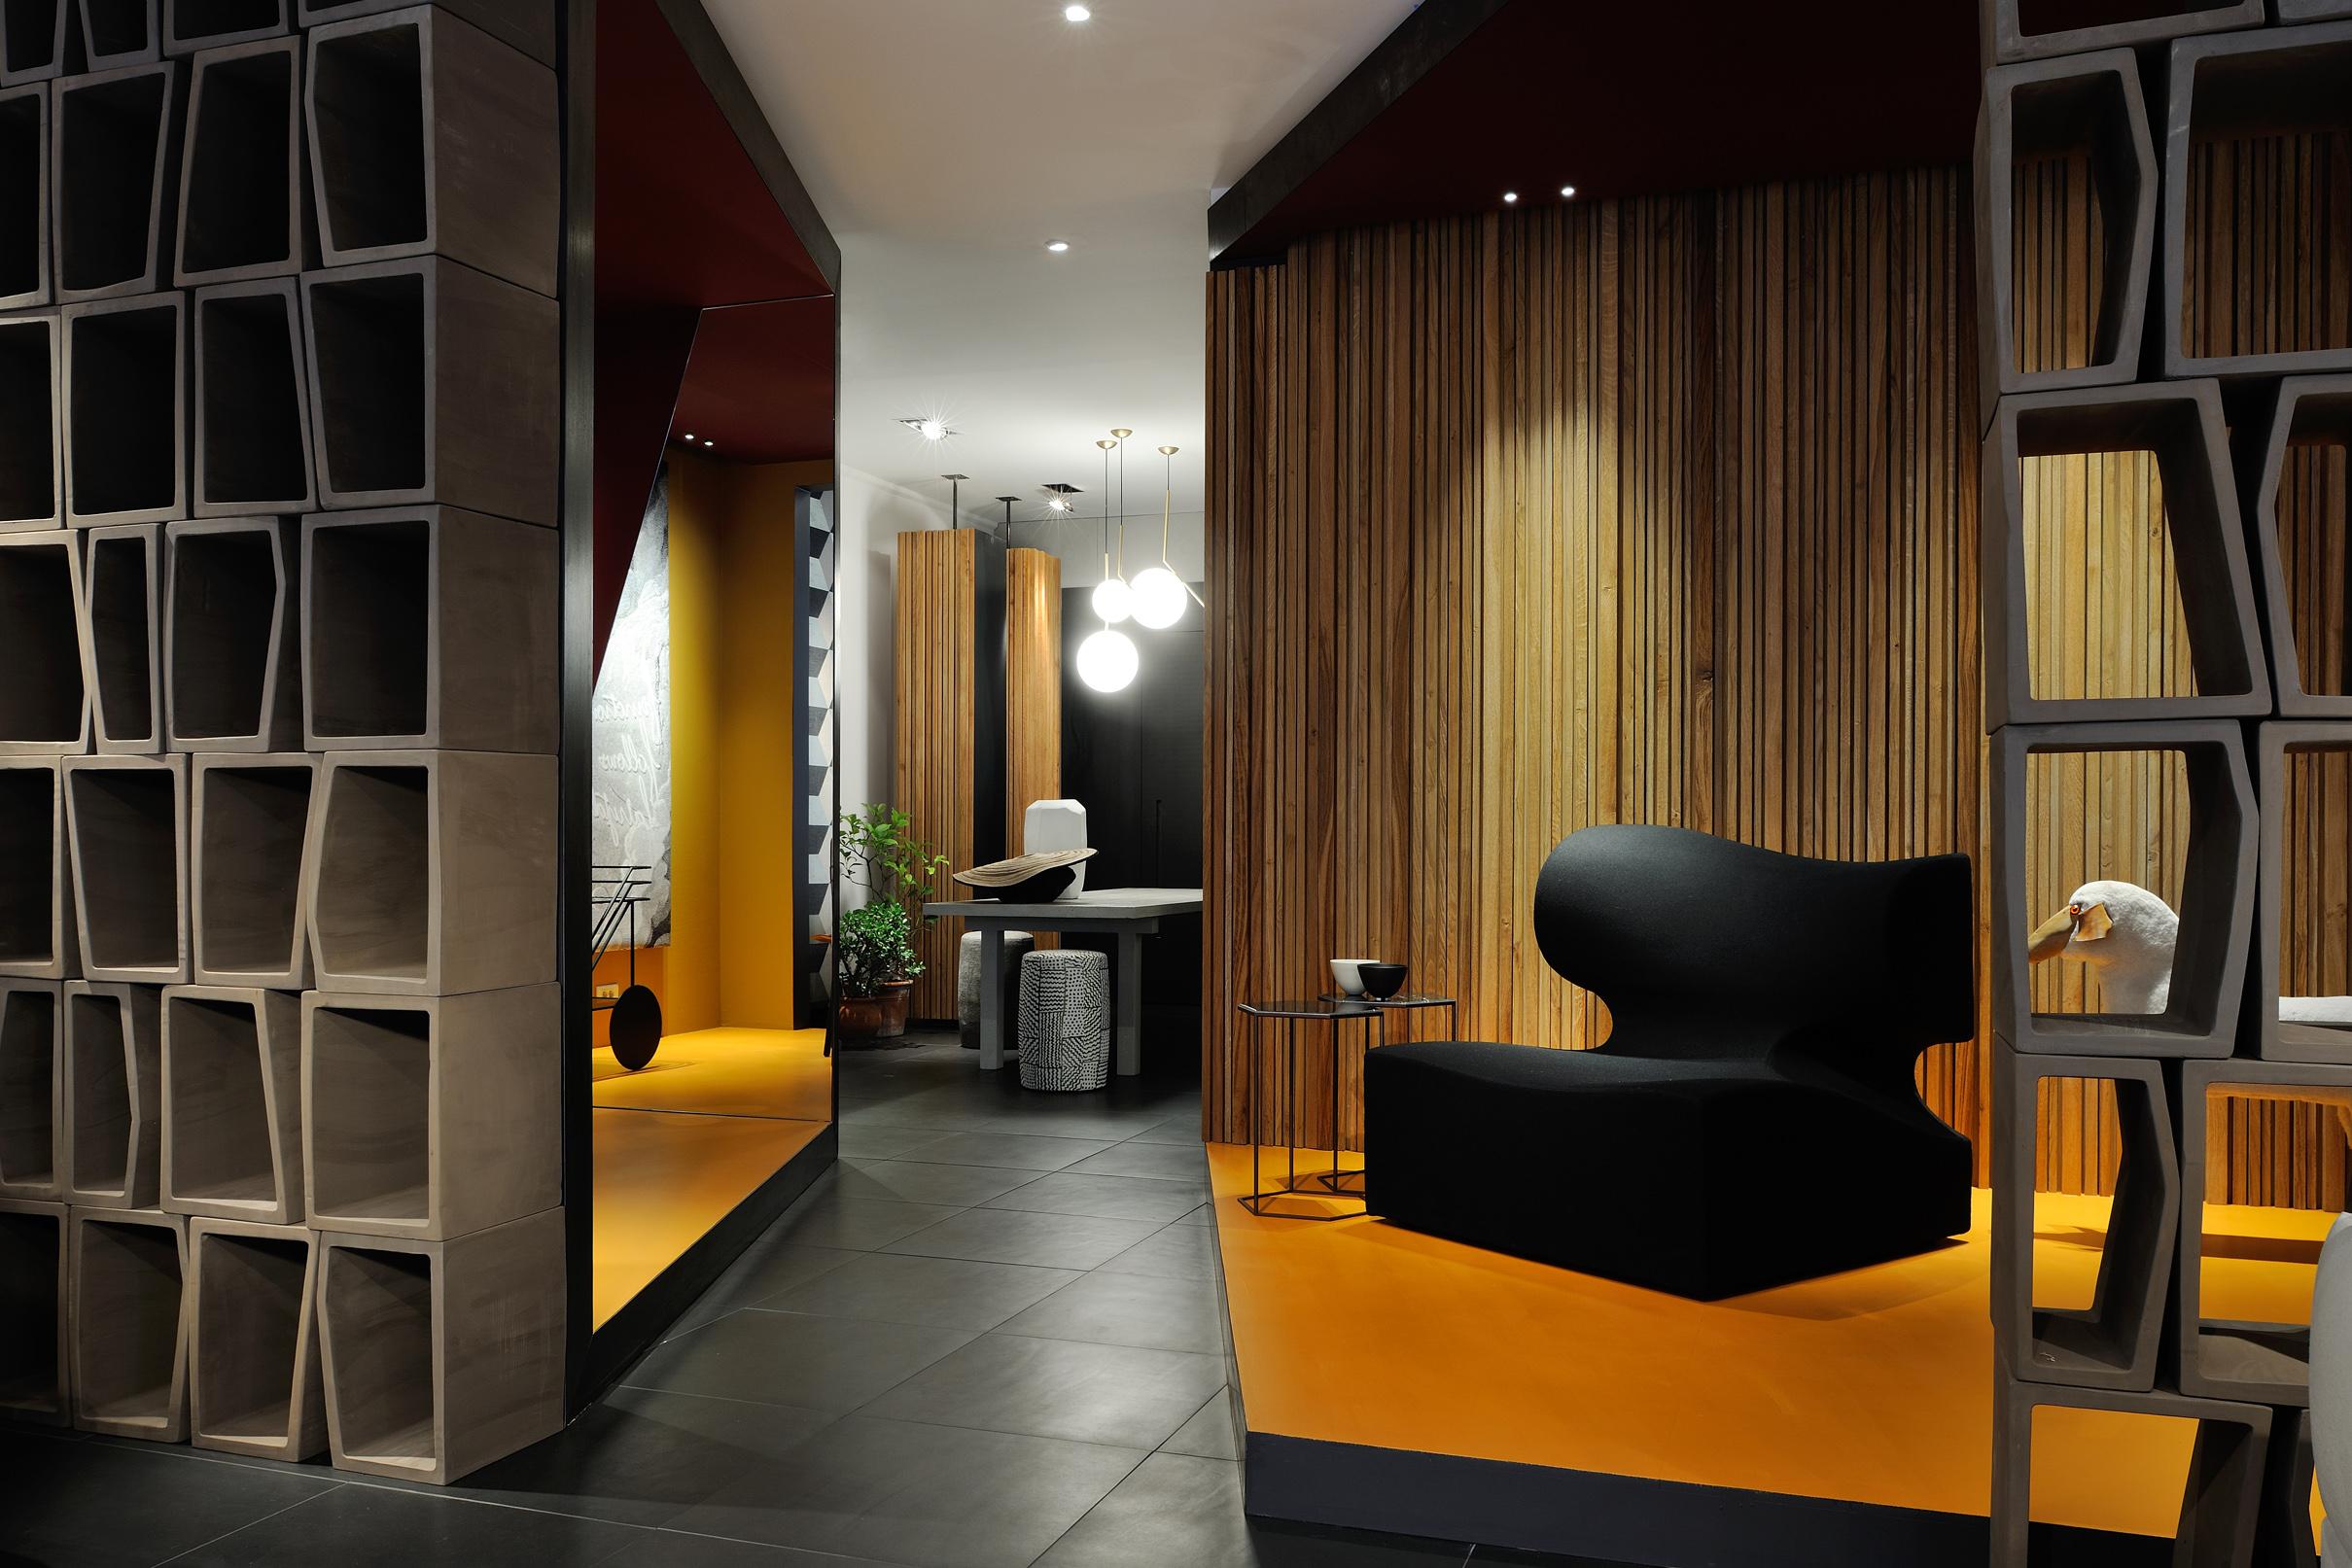 inside creative store par claude cartier claude cartier d coration. Black Bedroom Furniture Sets. Home Design Ideas